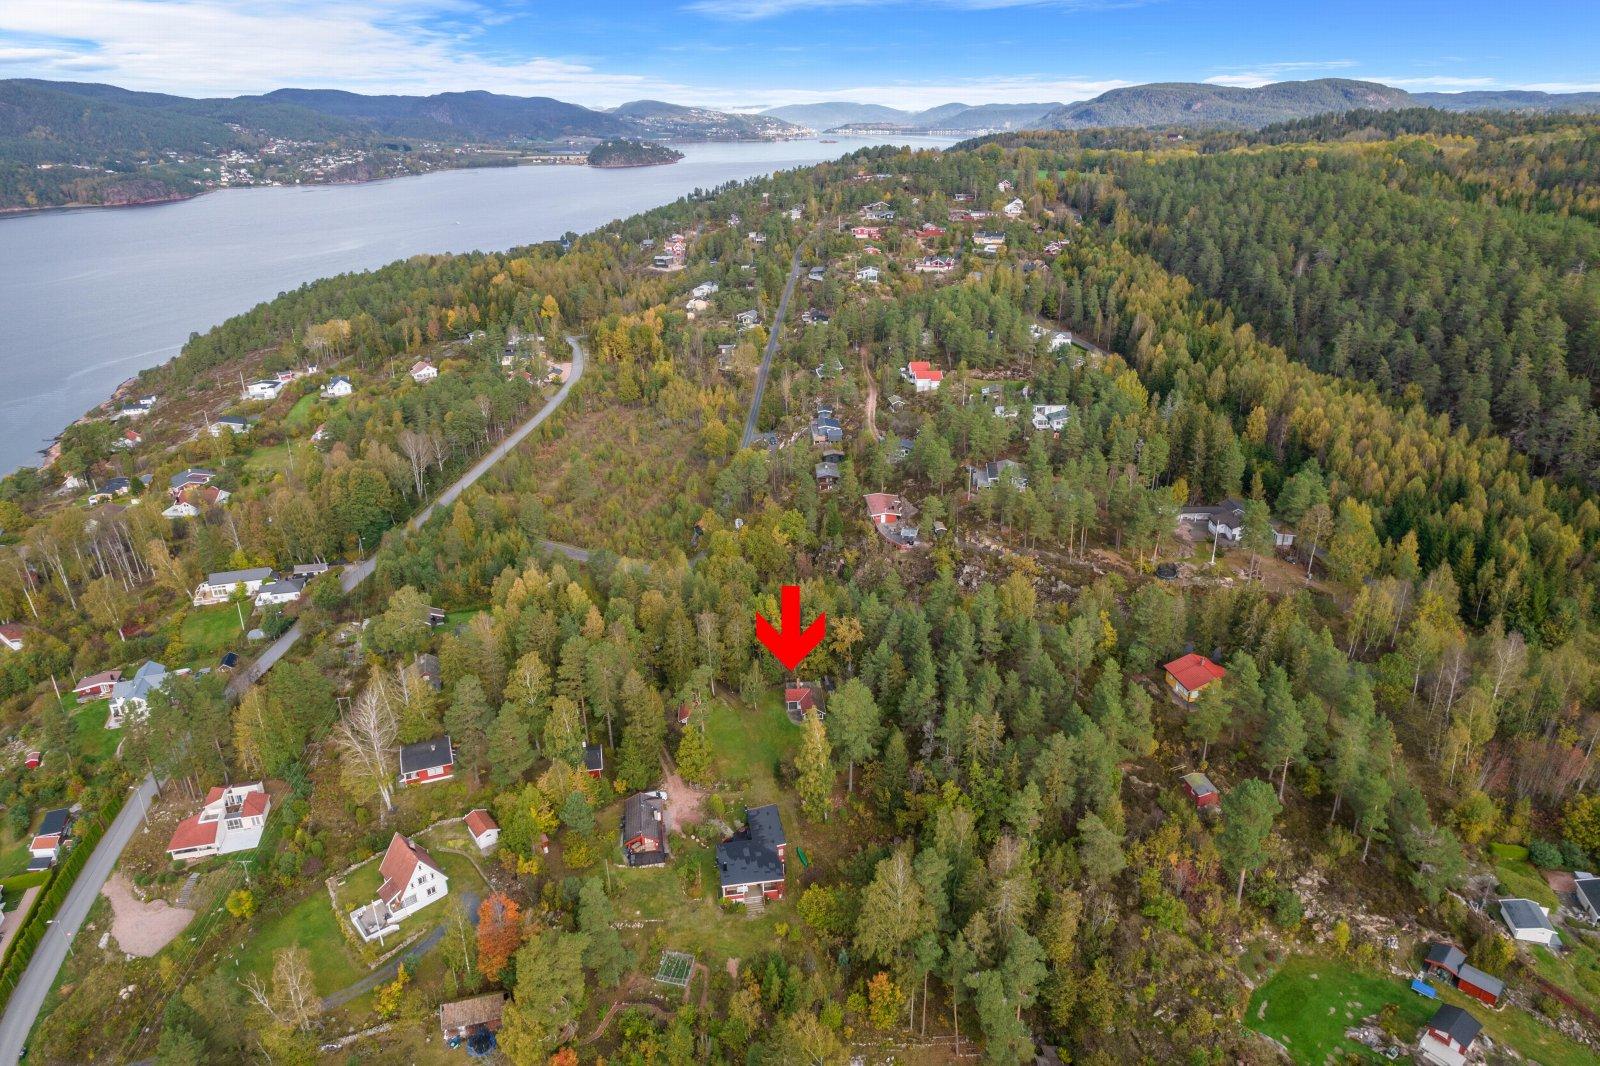 Oversiktsbilde som viser eiendommens beliggenhet